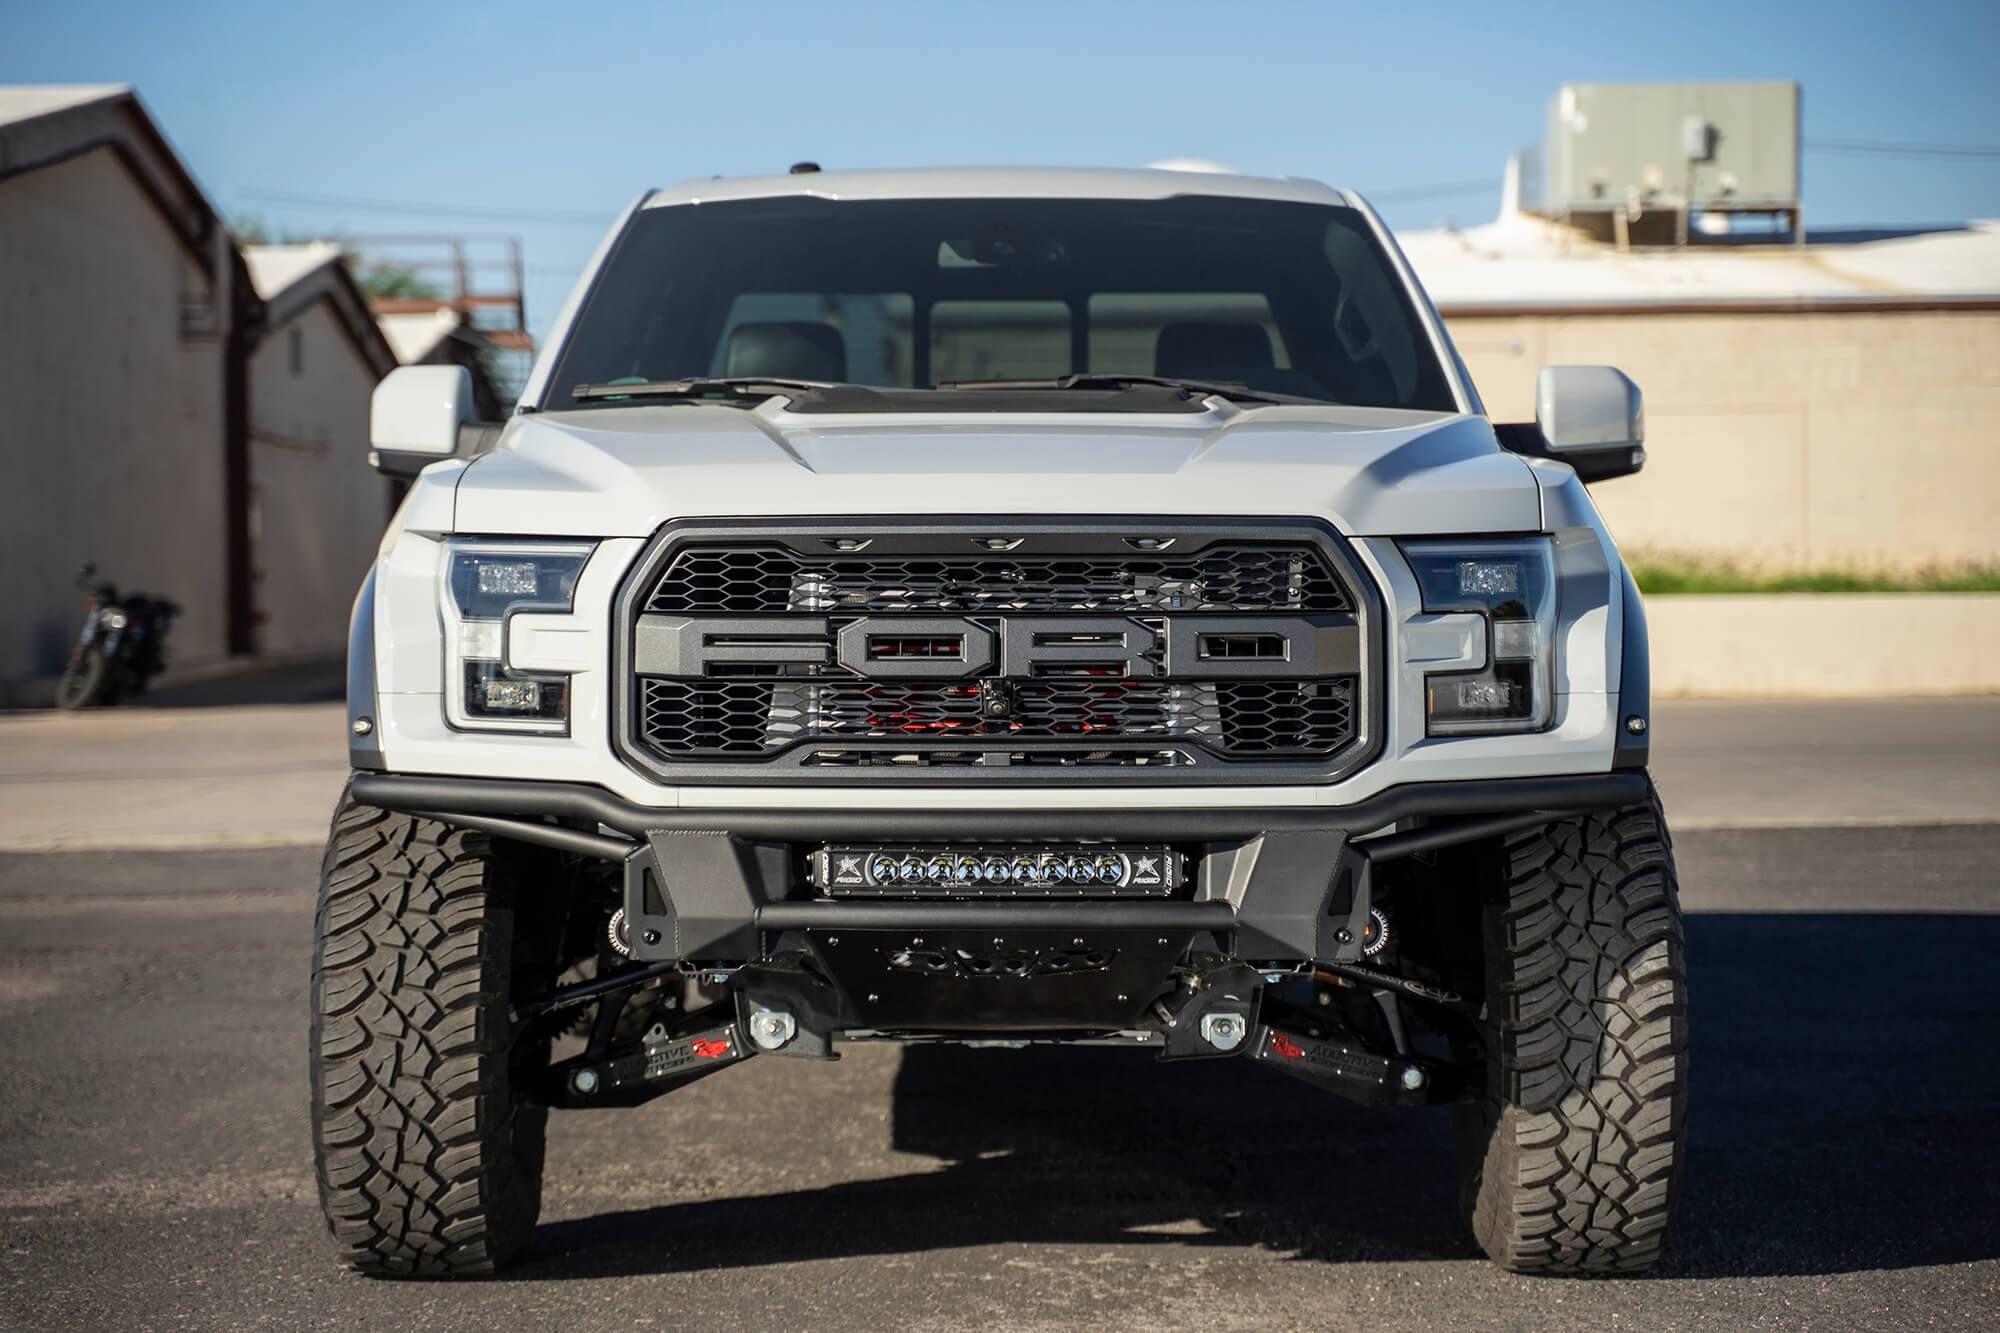 2017 2020 Ford Raptor Add Pro Bolt On Front Bumper Ford Raptor Raptor Ford